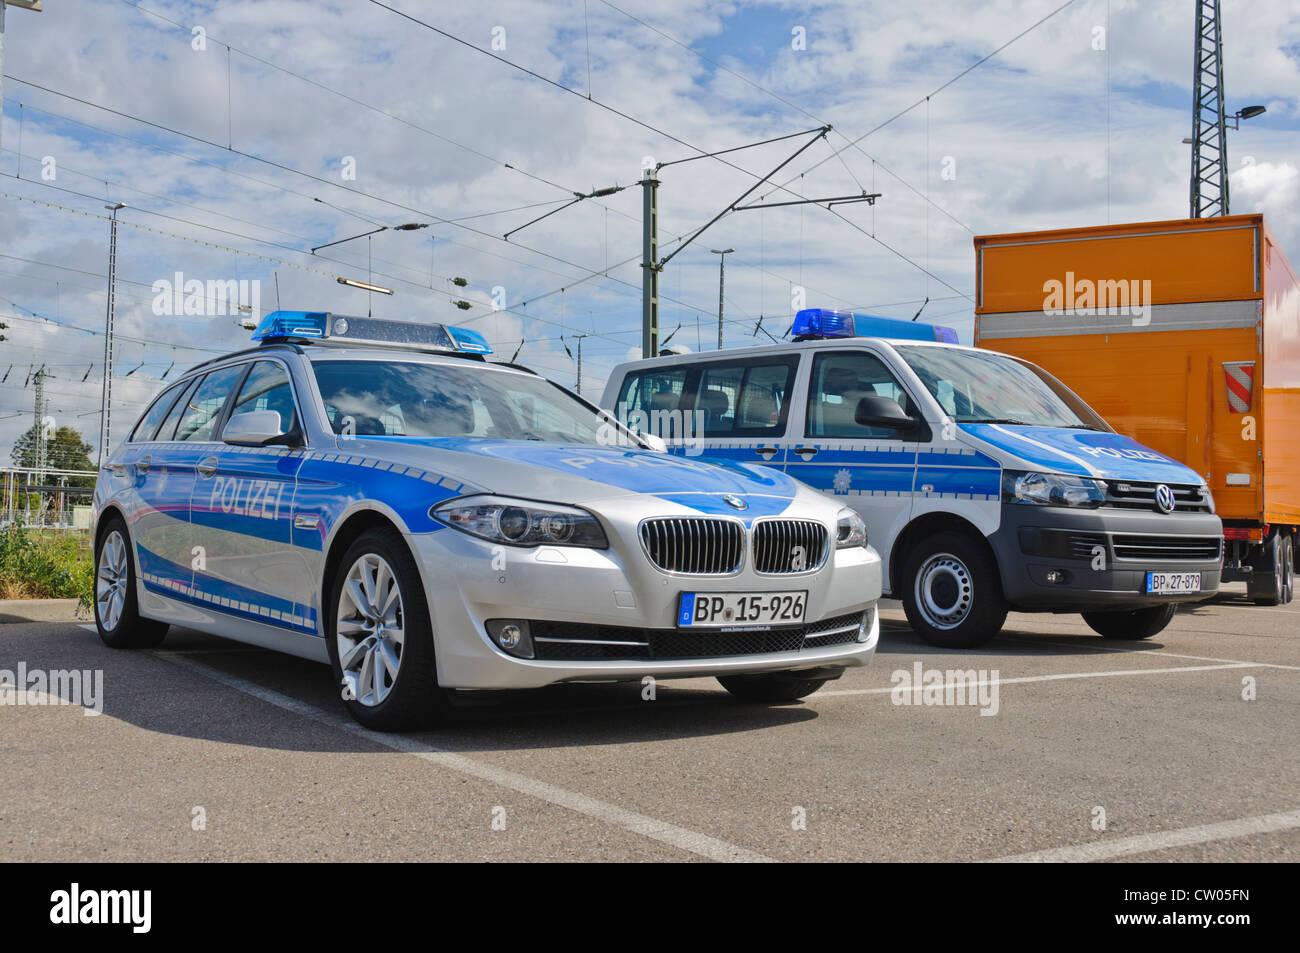 BMW und VW Volkswagen Polizei Streifenwagen der deutschen Bundespolizei (Bundespolizei) - Heilbronn Deutschland Stockbild